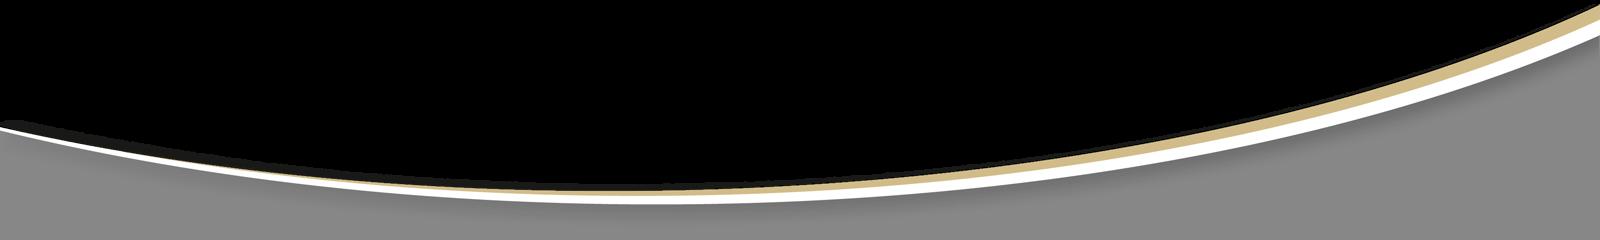 Service & Reparaturanleitungen Anleitungen & Handbücher Haynes Handbuch Citroen C5 2001-08 Benziner+diesel Reparaturanleitung/reparatur Heller Glanz